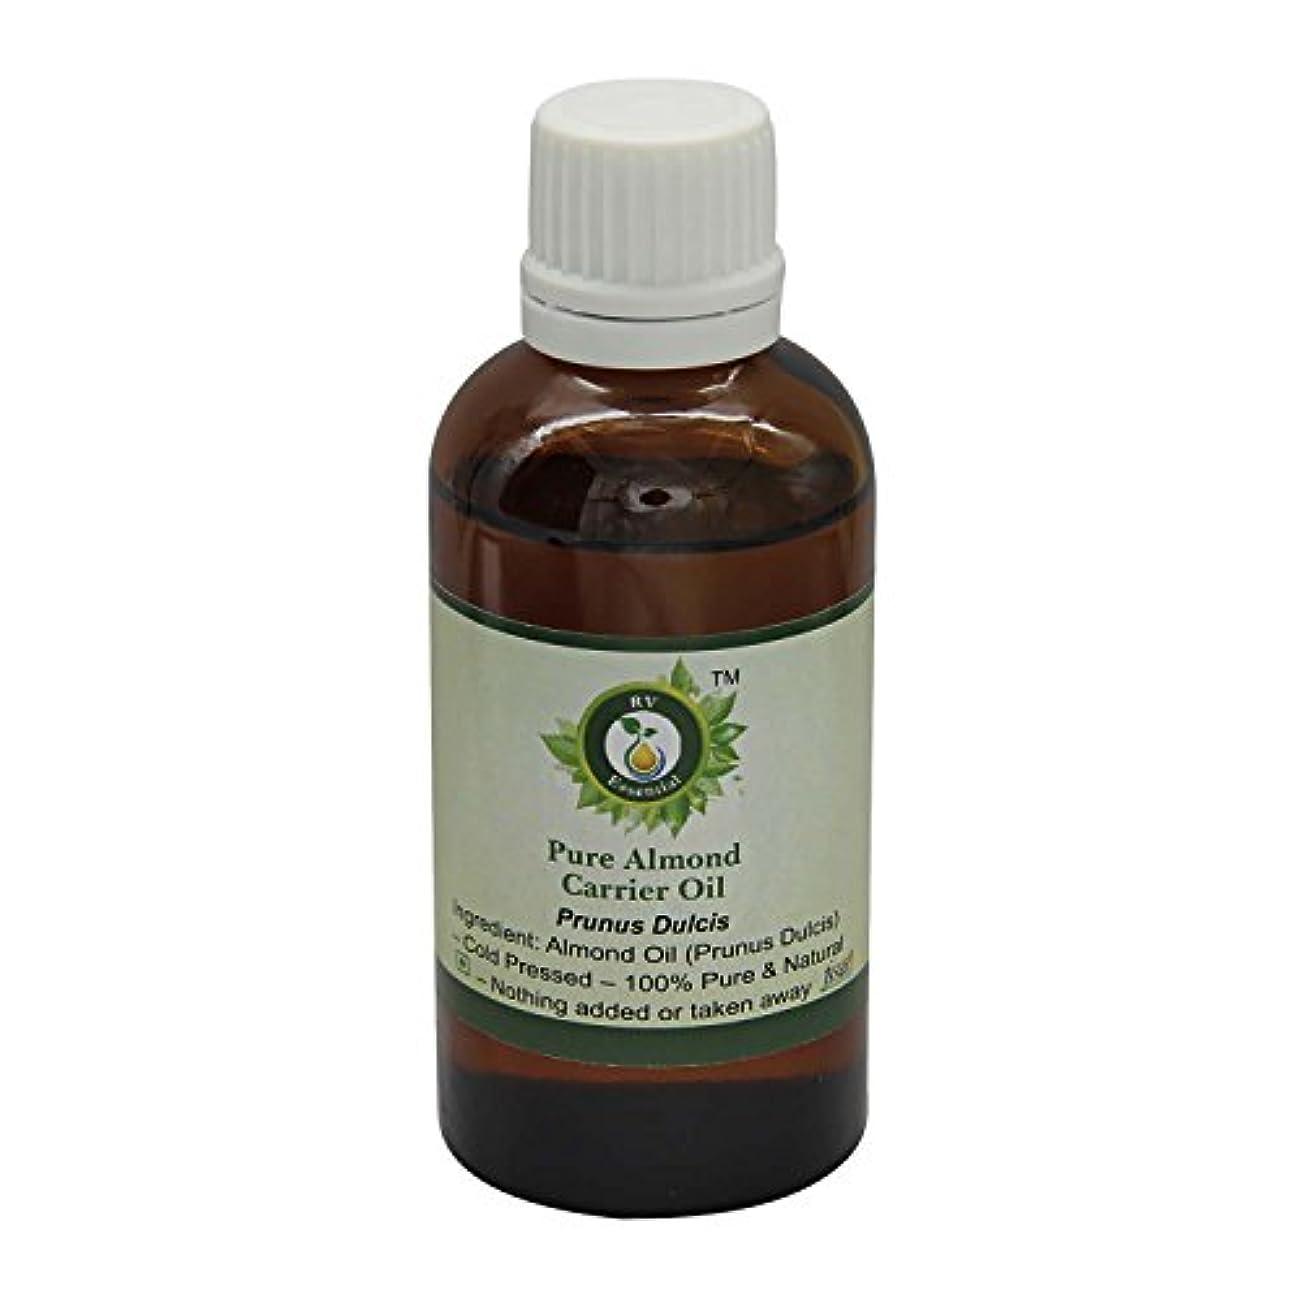 聖なるなので支配的R V Essential 純粋なアーモンドキャリアオイル50ml (1.69oz)- Prunus Dulcis (100%ピュア&ナチュラルコールドPressed) Pure Almond Carrier Oil